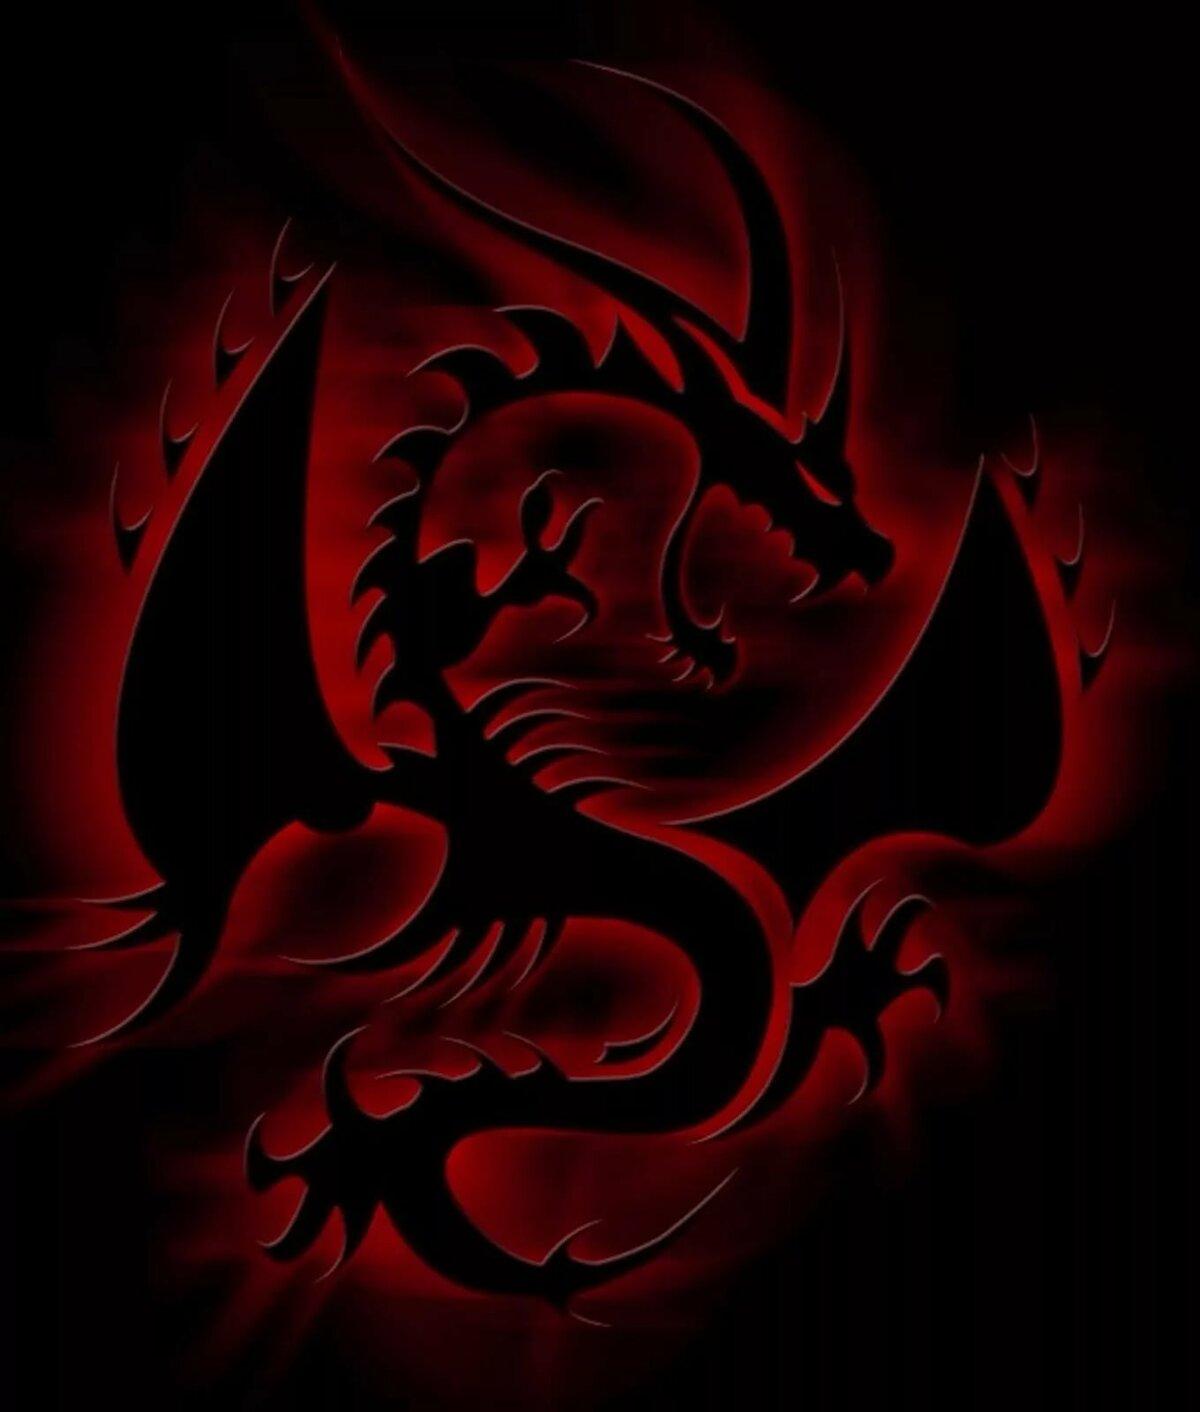 нем картинка красного дракона на черном фоне нужно лишь выбрать